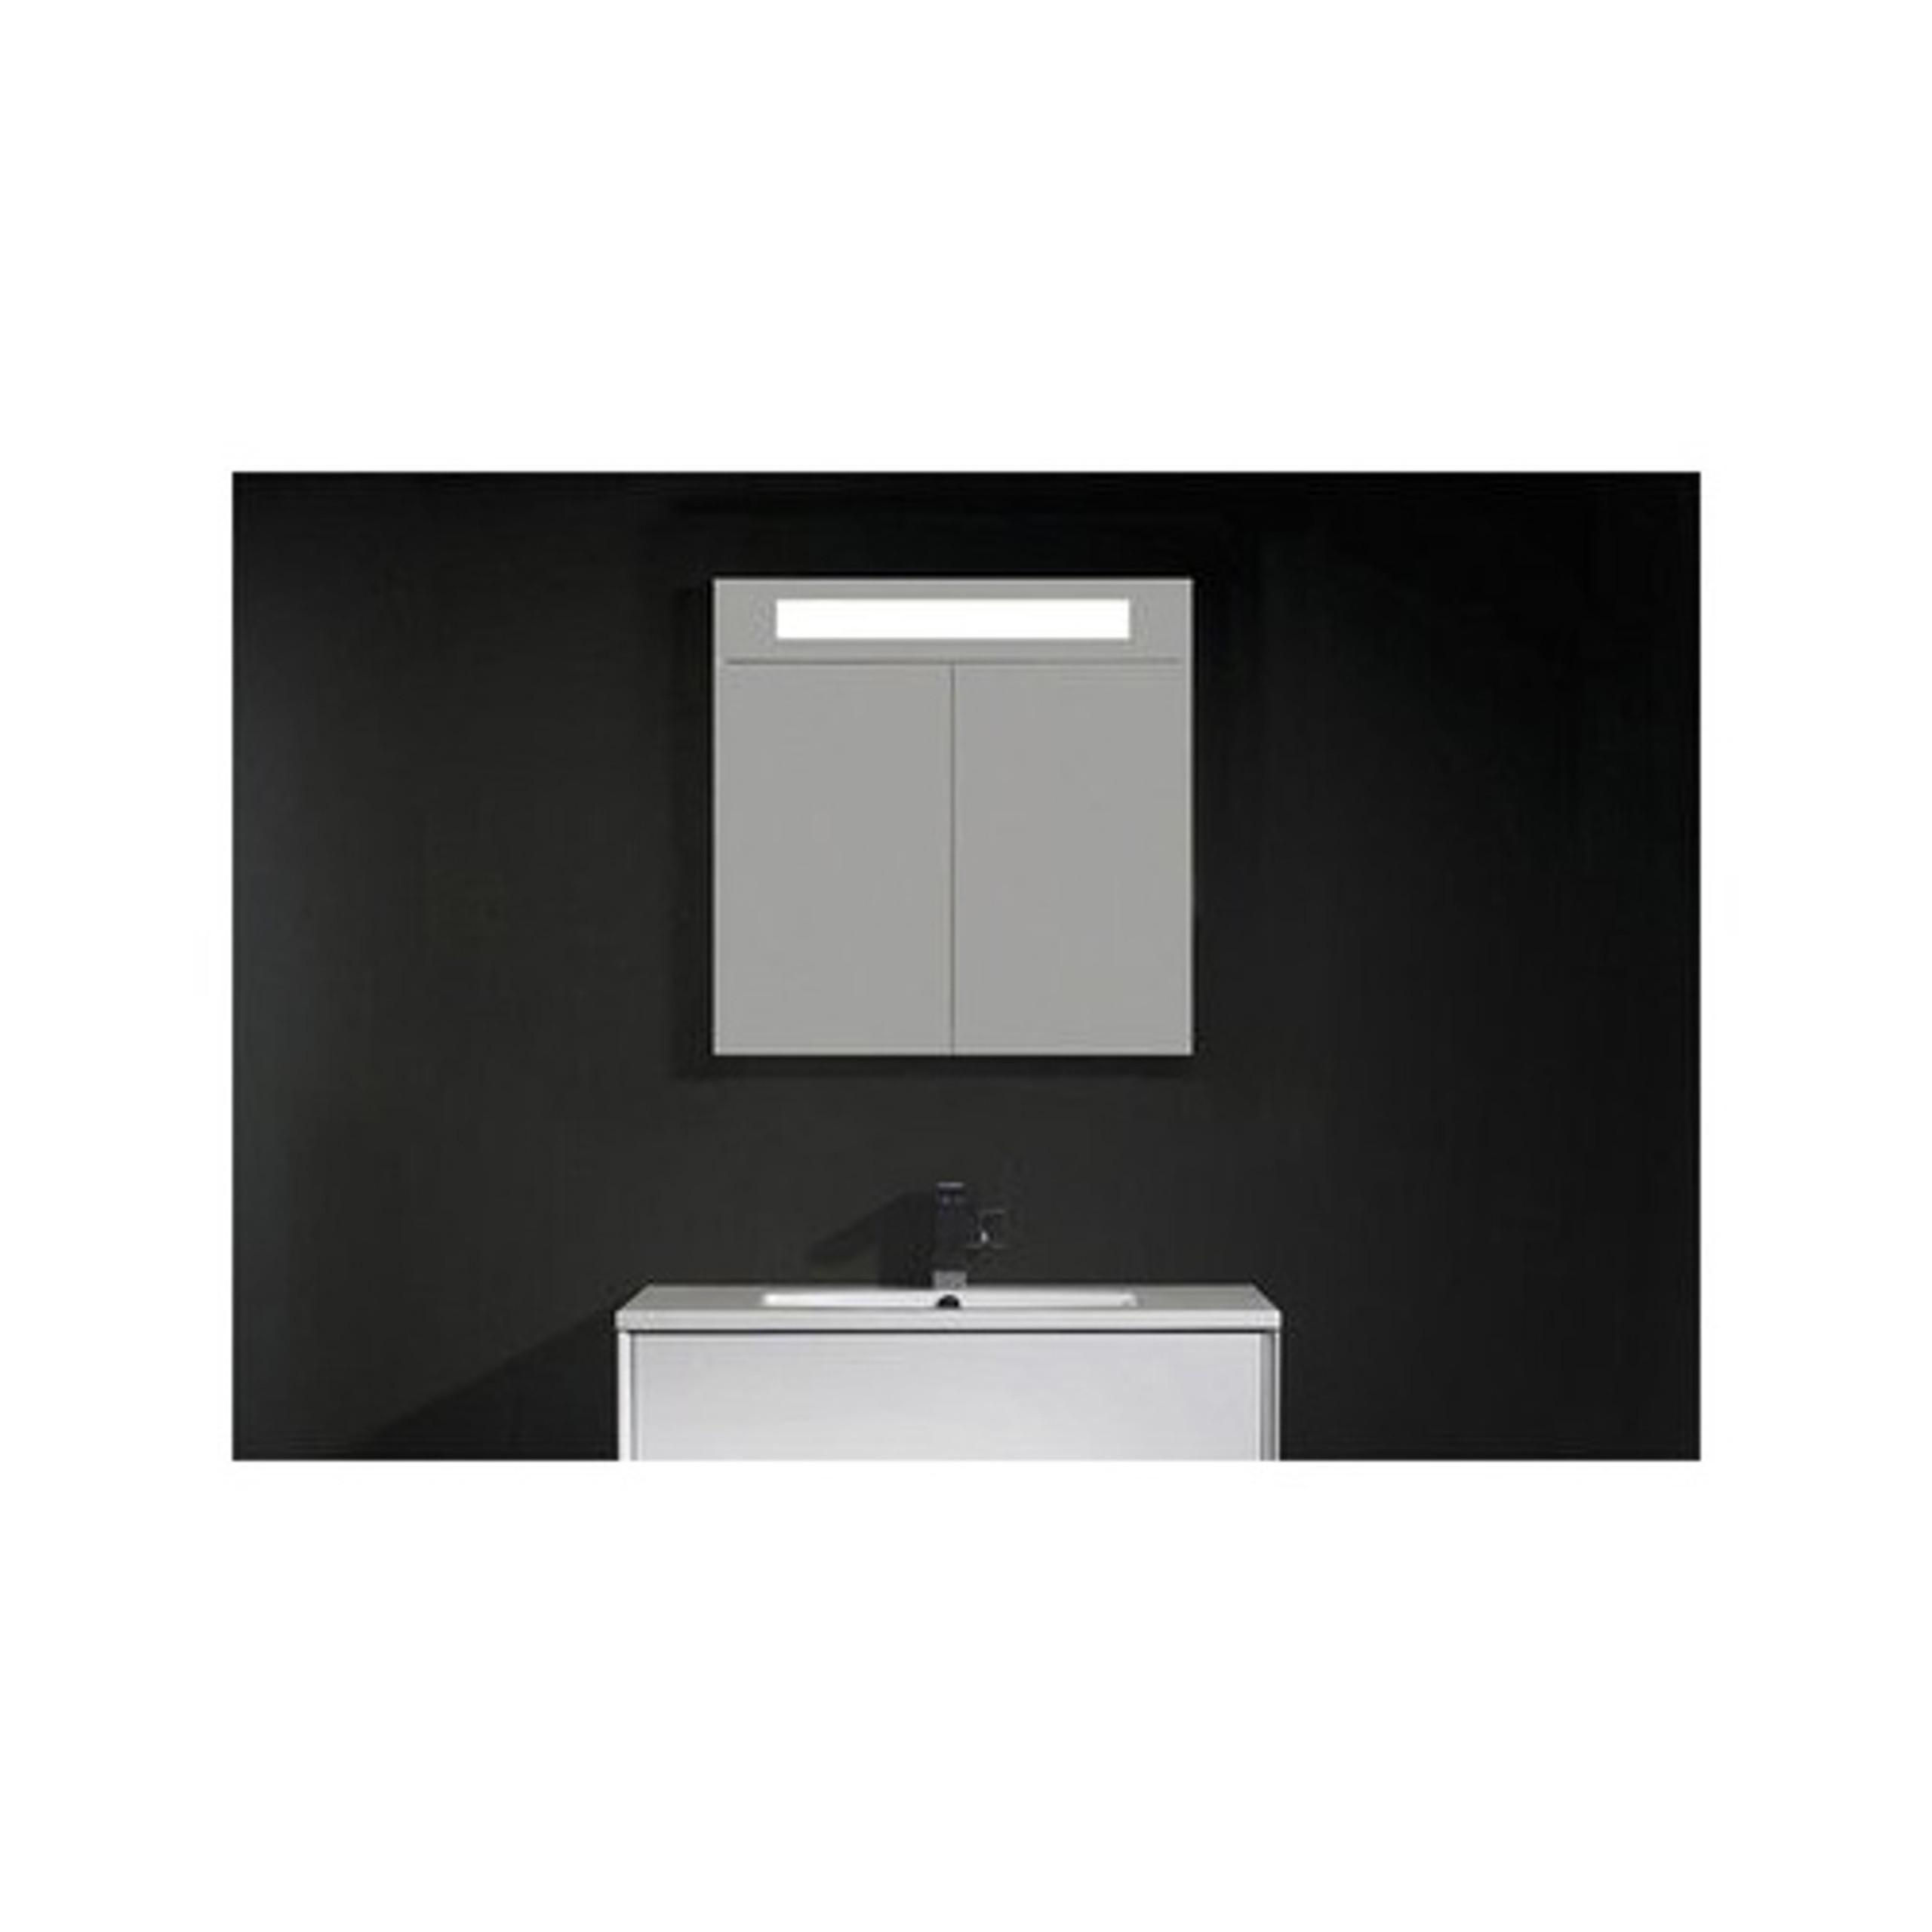 mybath spiegelschrank horizon 70 cm spiegelschr nke mdf spiegelschr nke 70 cm. Black Bedroom Furniture Sets. Home Design Ideas